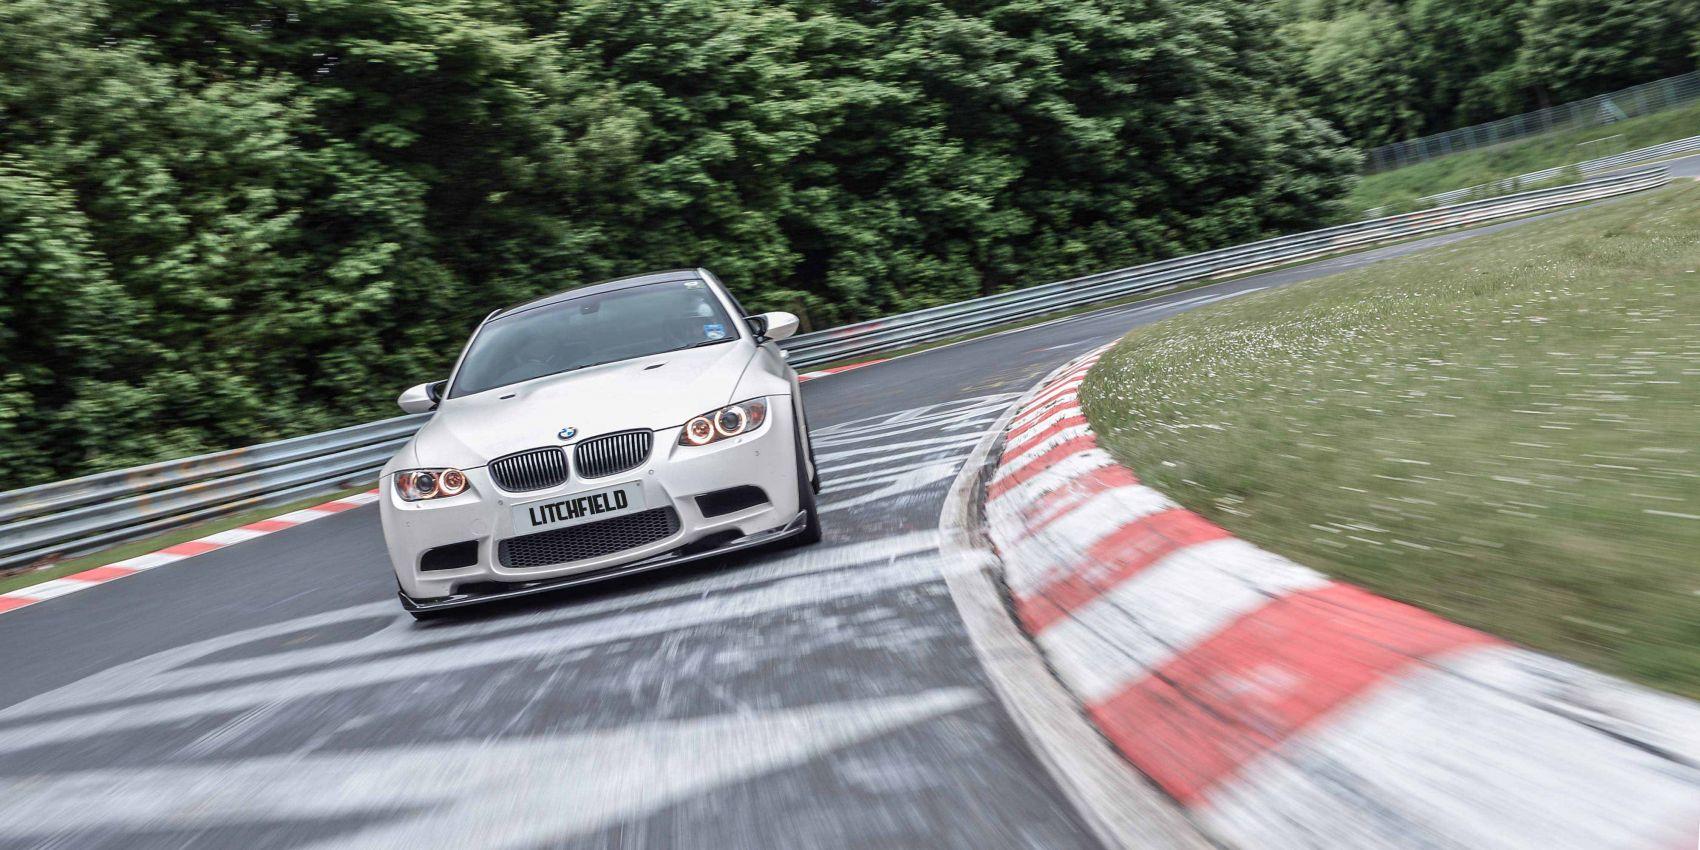 M3 nurburgring testing